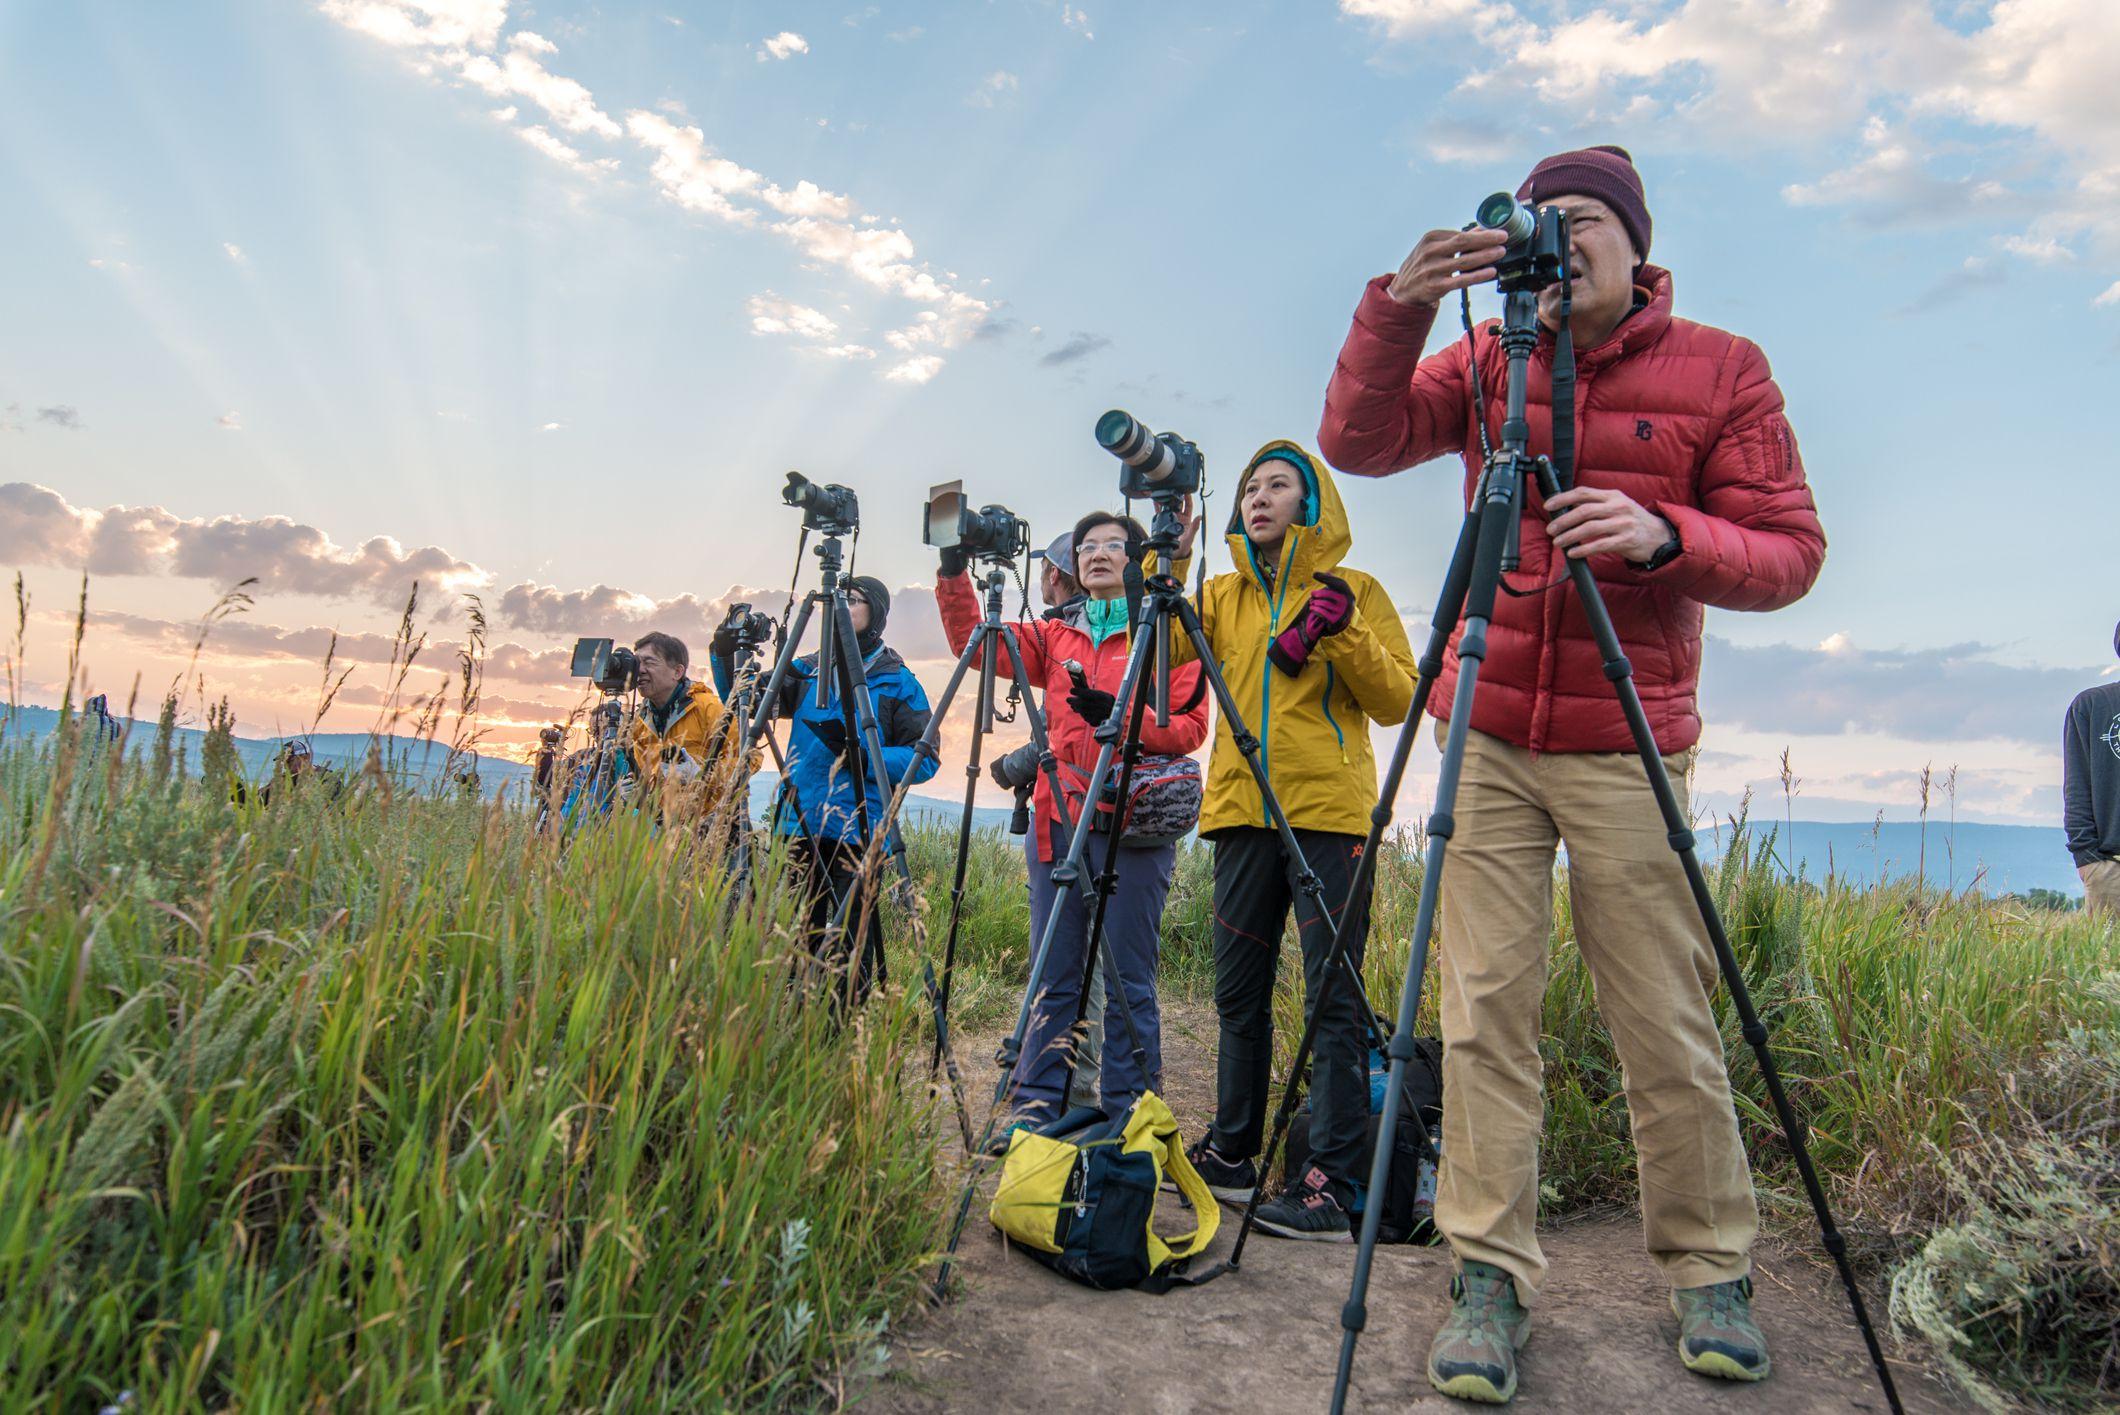 Best Budget Mirrorless Camera 2020 The 10 Best Mirrorless Cameras of 2019